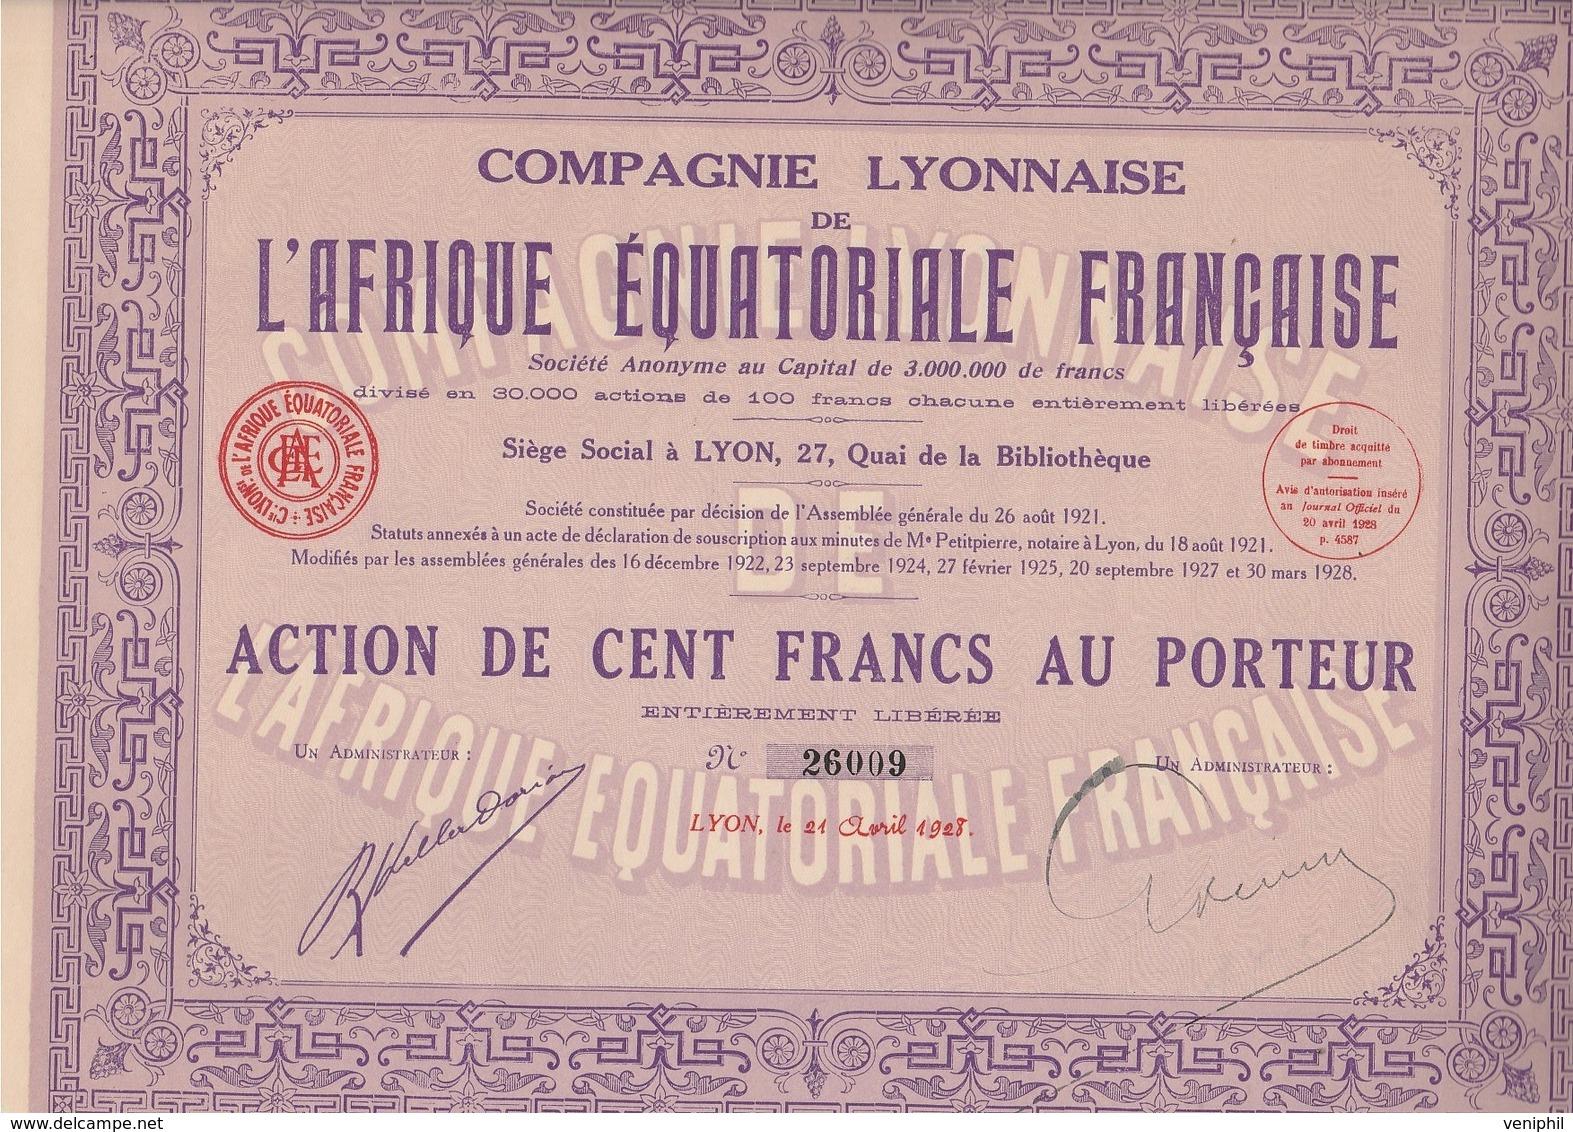 LOT DE 5 ACTIONS DE 100 FRS - COMPAGNIE LYONNAISE DE L'AFRIQUE EQUATORIALE FRANCAISE -1928 - Afrique